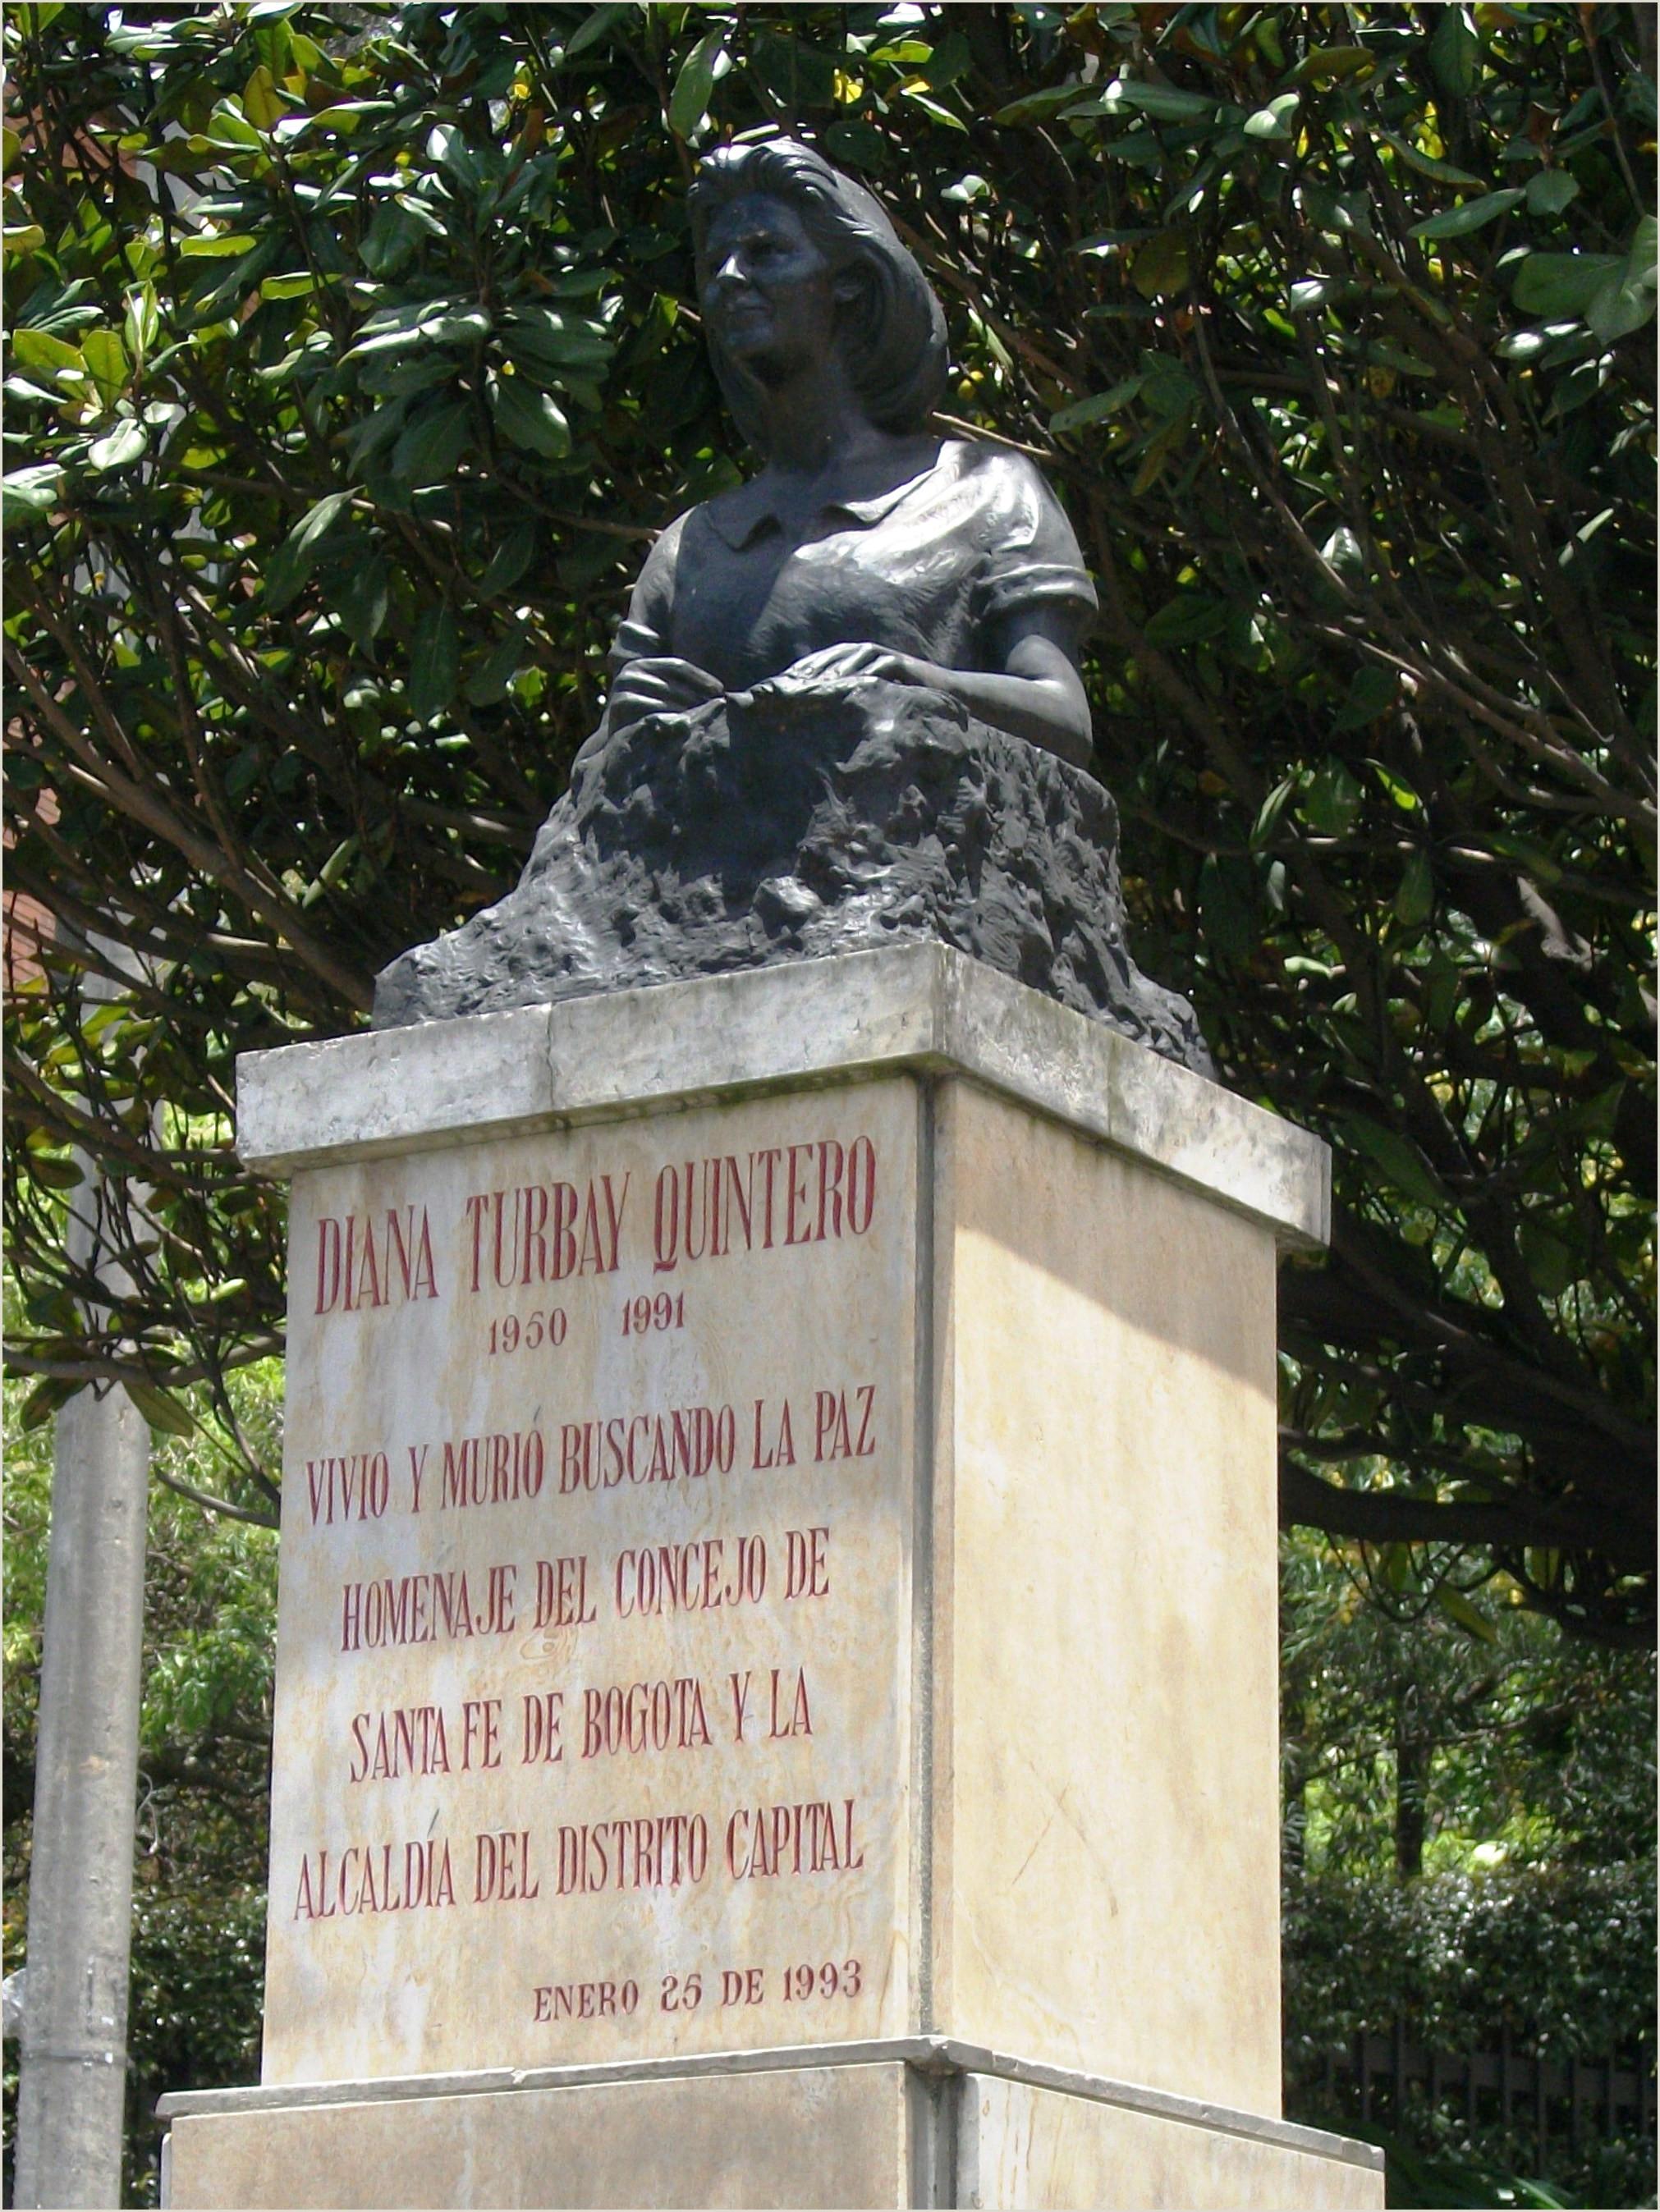 Descargar Hoja De Vida En Colombia Diana Turbay La Enciclopedia Libre